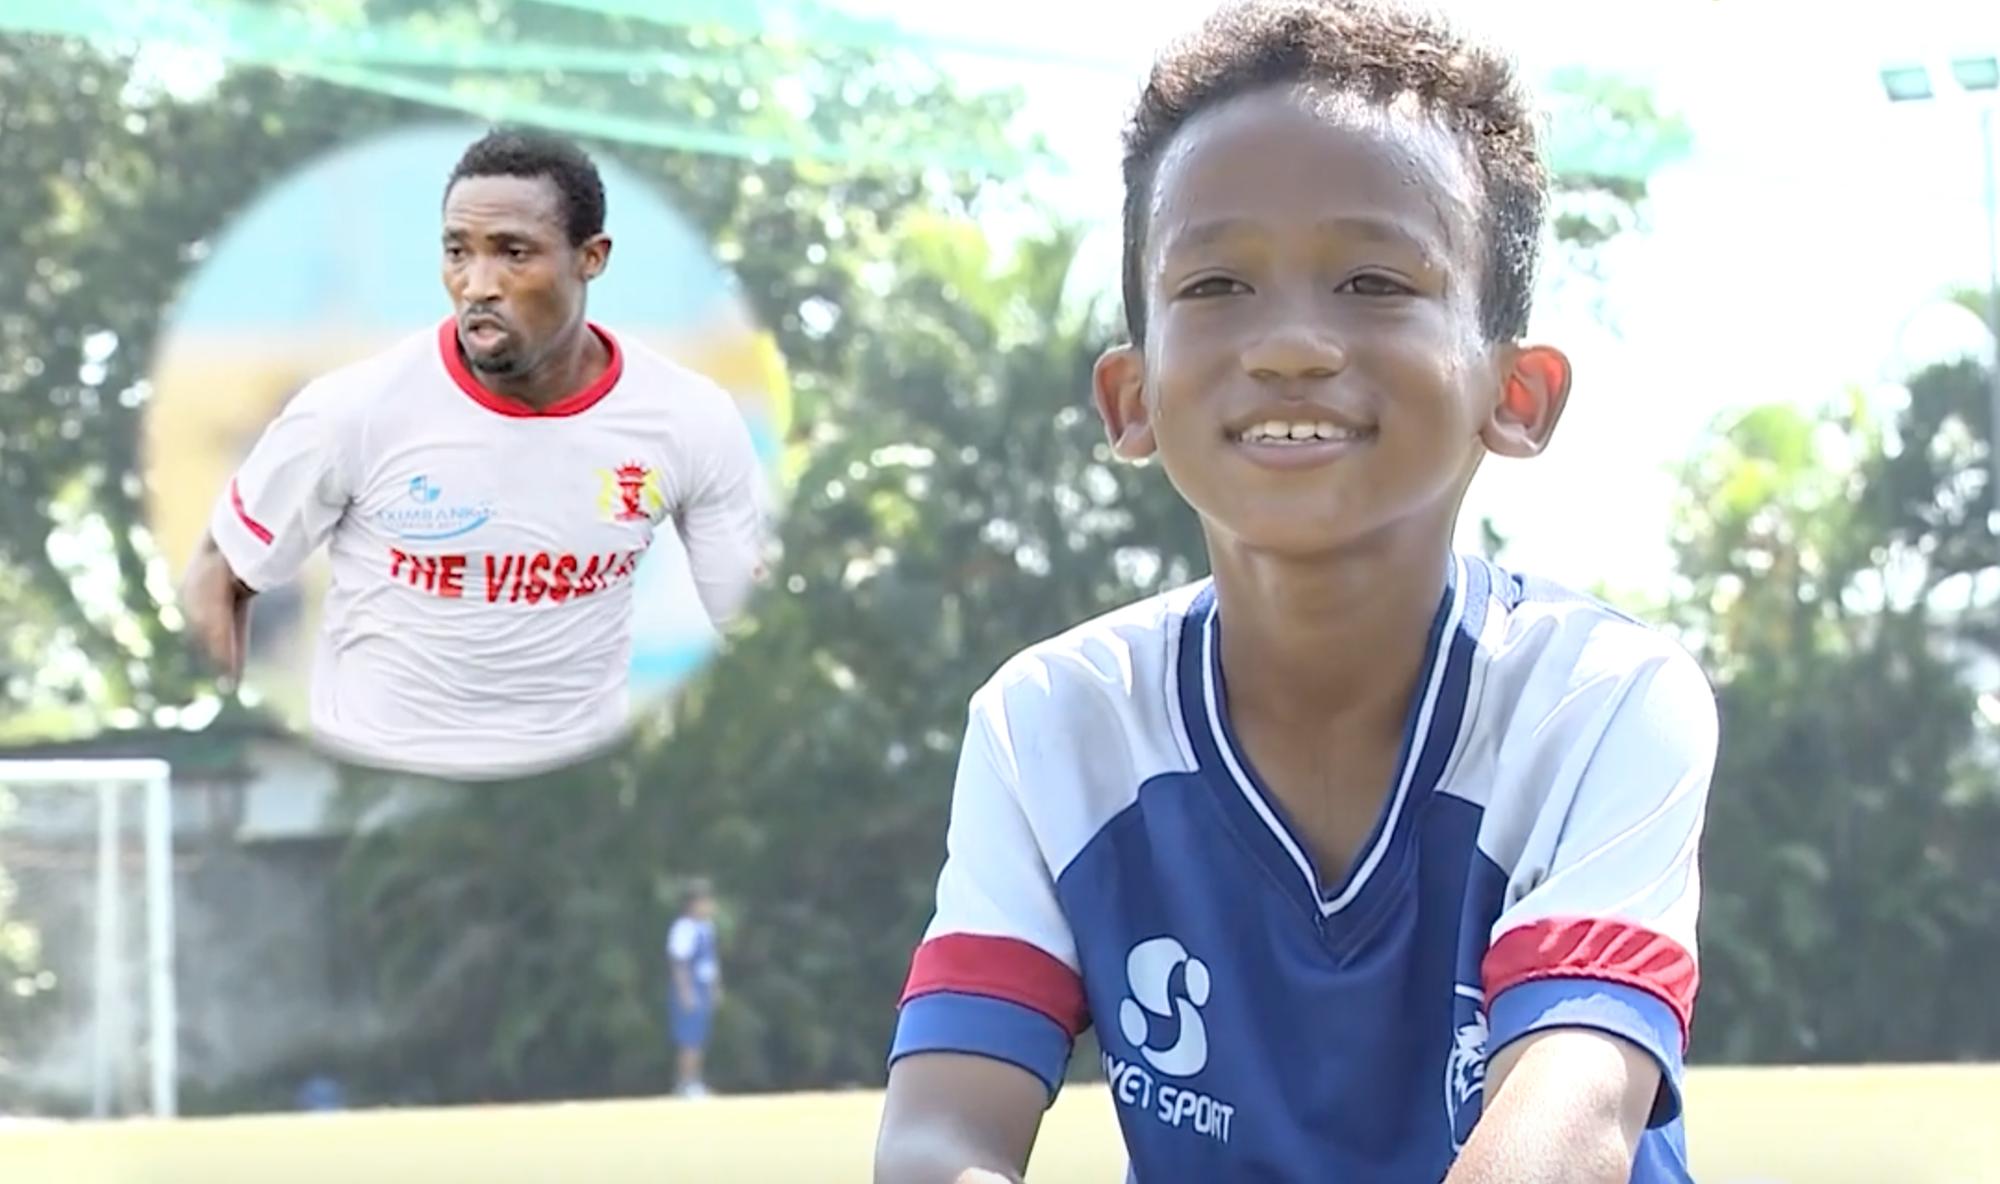 Con trai cầu thủ Đinh Hoàng Max khiến Hòa Minzy, Hiếu Hiền nghẹn ngào tại Cầu thủ nhí 2018 - Ảnh 2.